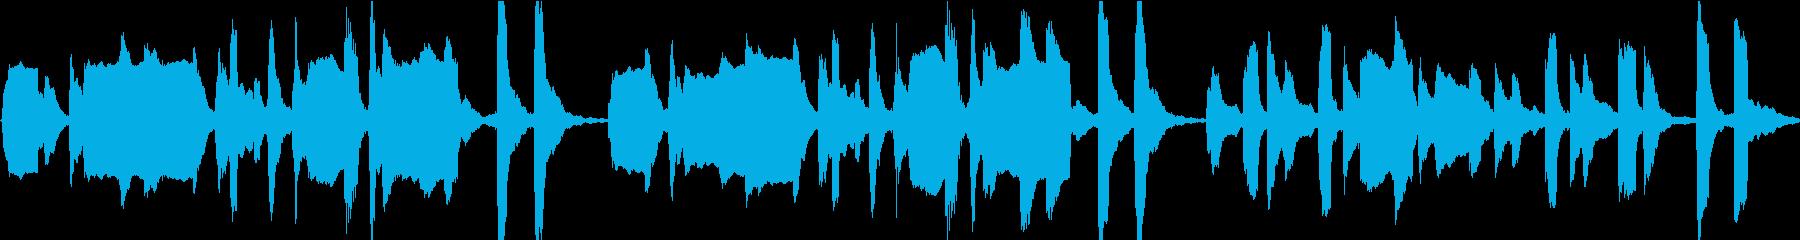 のんびりした雰囲気のループBGMの再生済みの波形